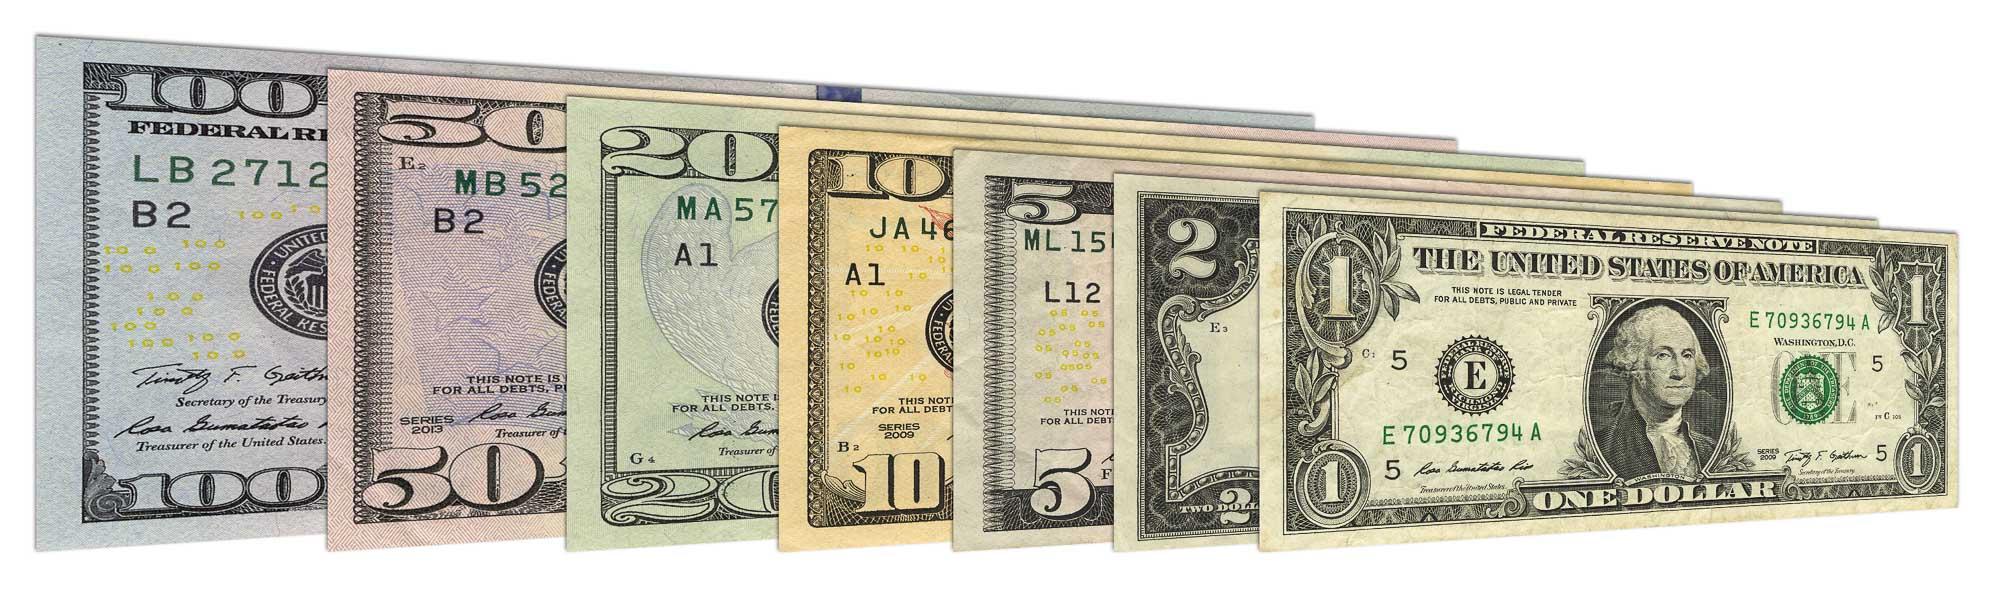 Us Dollars Online Usd Delivered